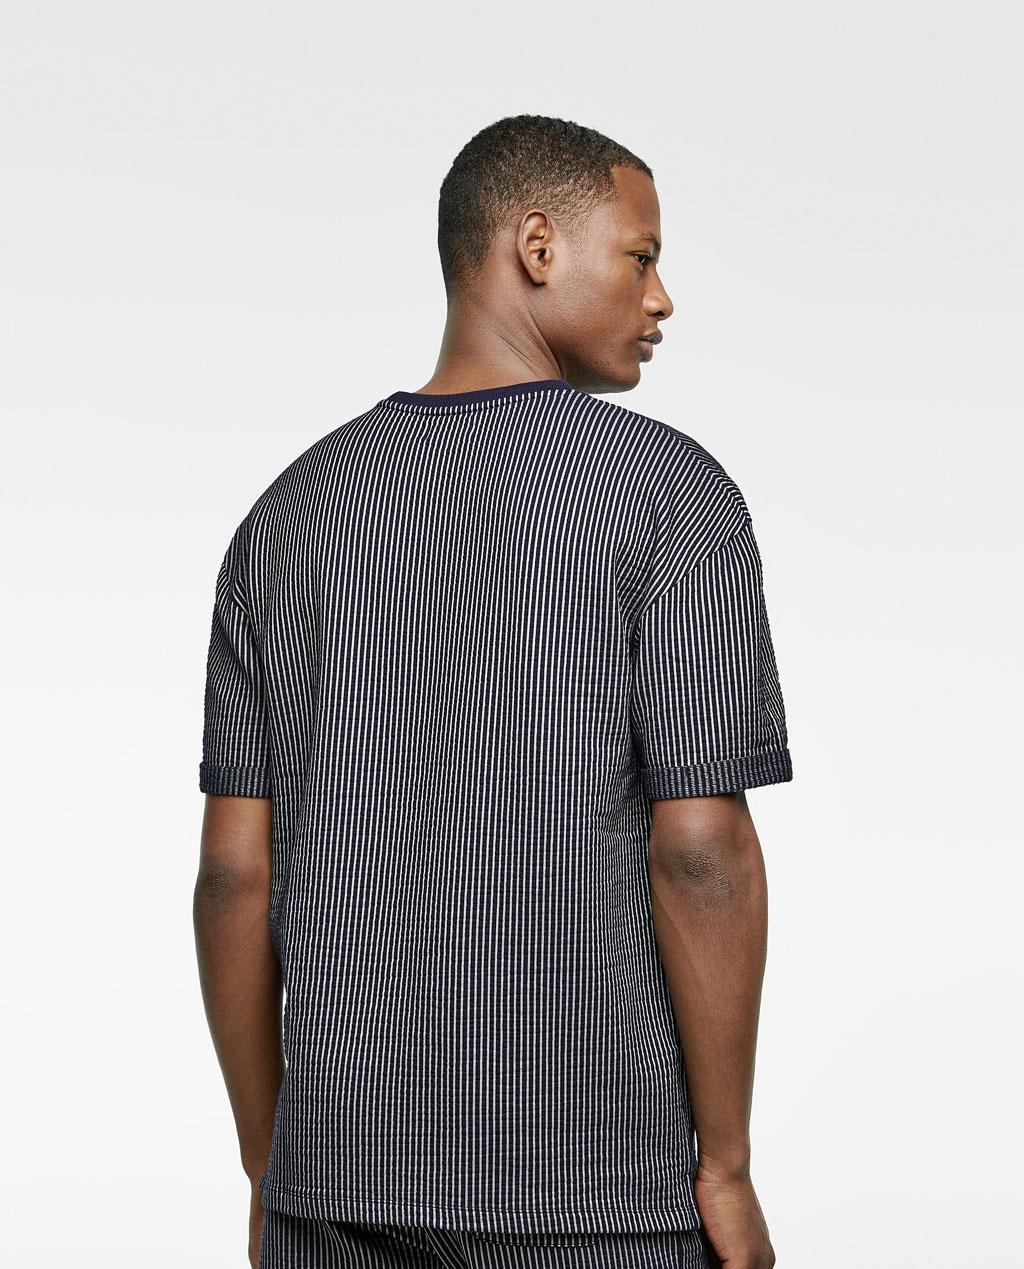 Thời trang nam Zara  23925 - ảnh 5